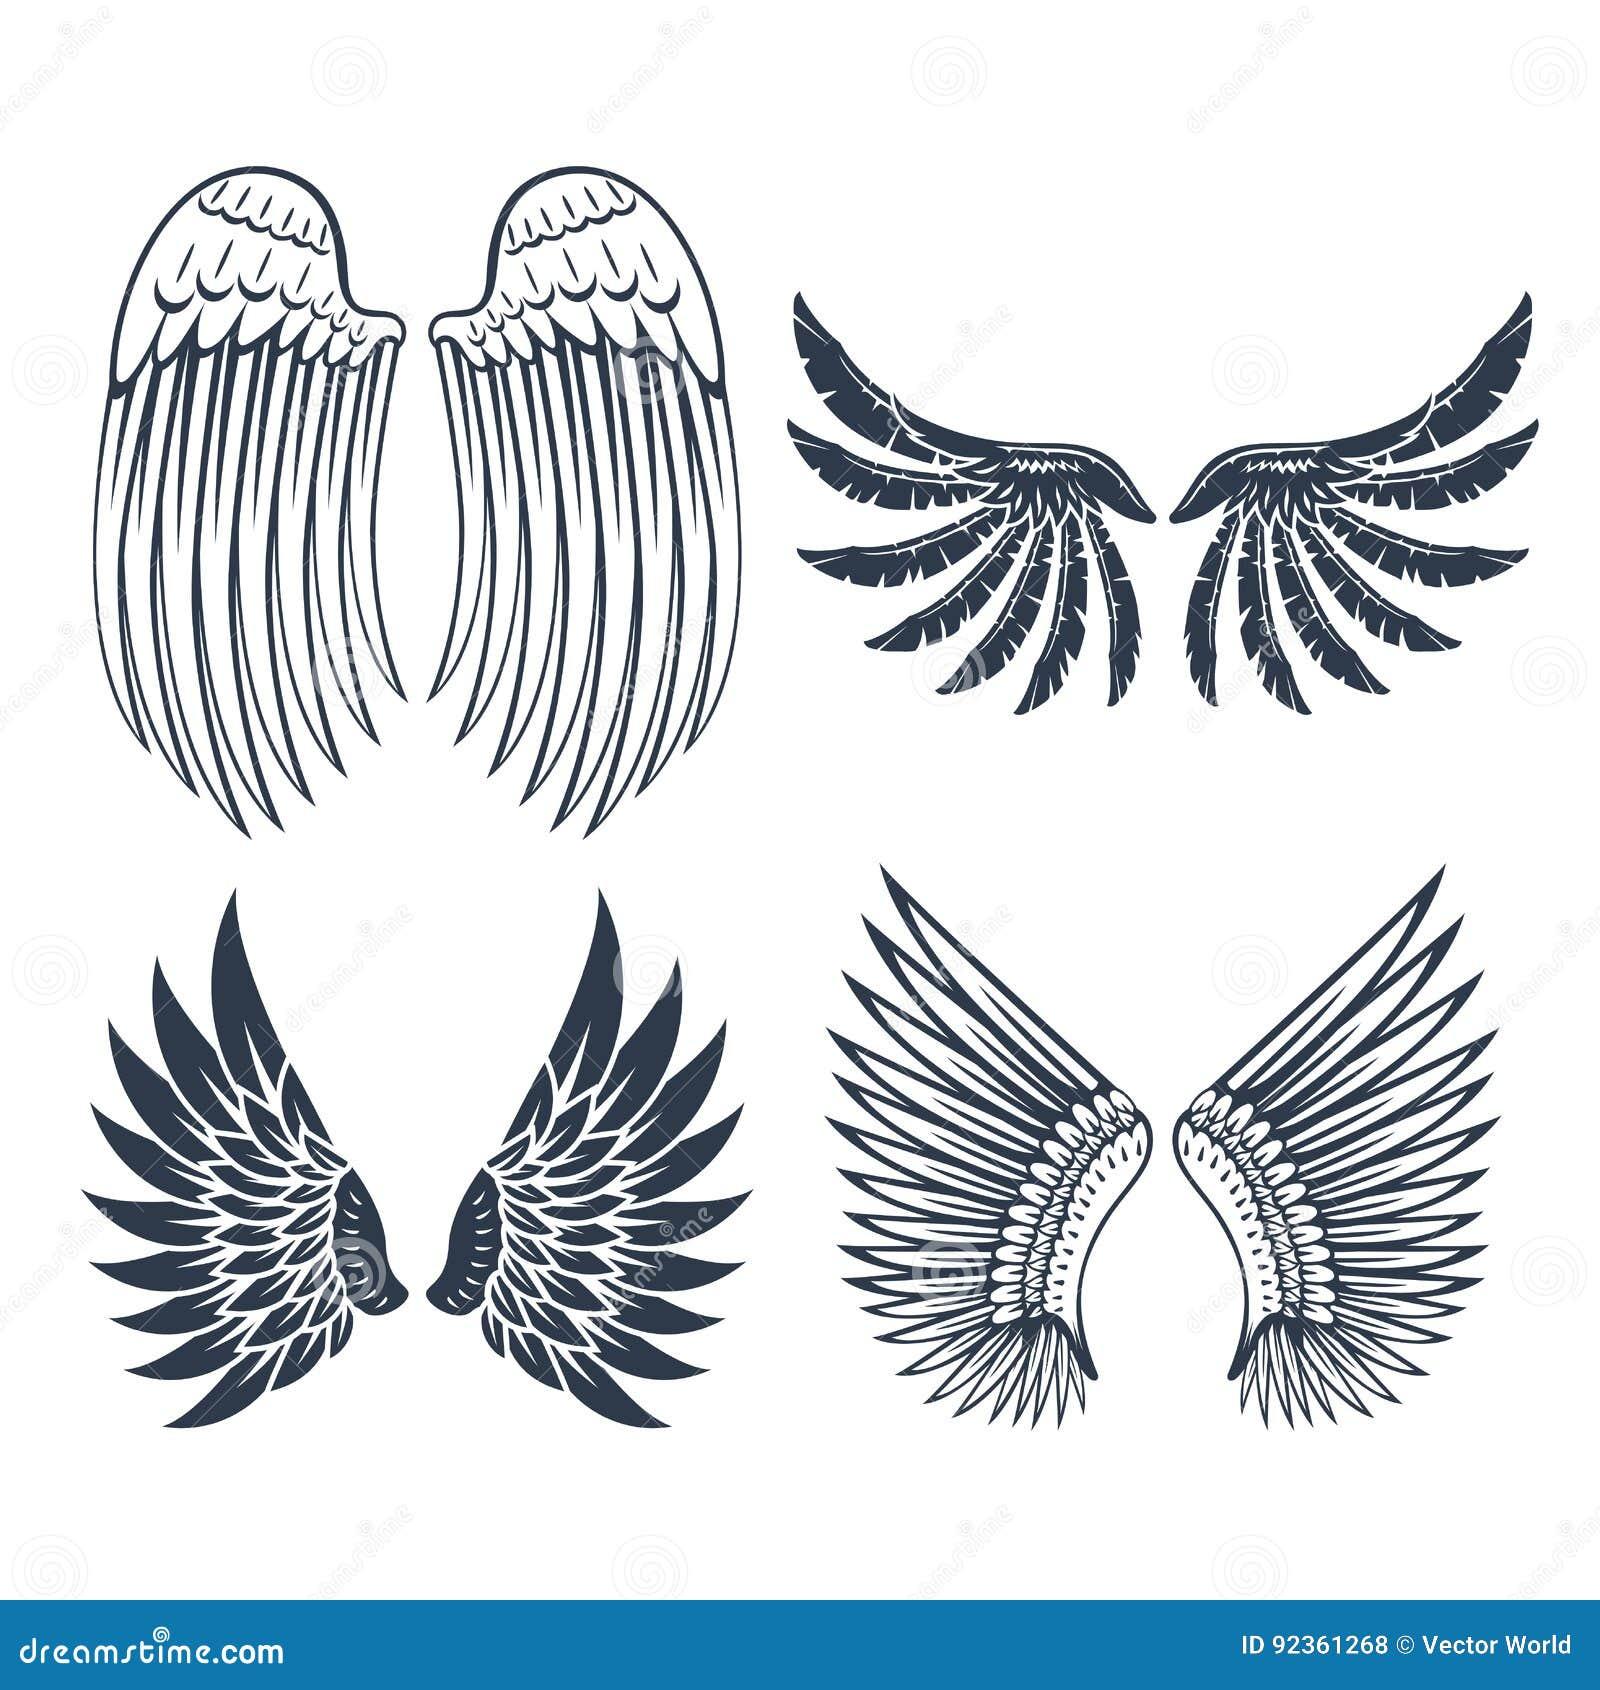 Τα φτερά απομόνωσαν τη ζωική φτερών γραναζιών πουλιών ελευθερίας διανυσματική απεικόνιση σχεδίου ειρήνης πτήσης φυσική